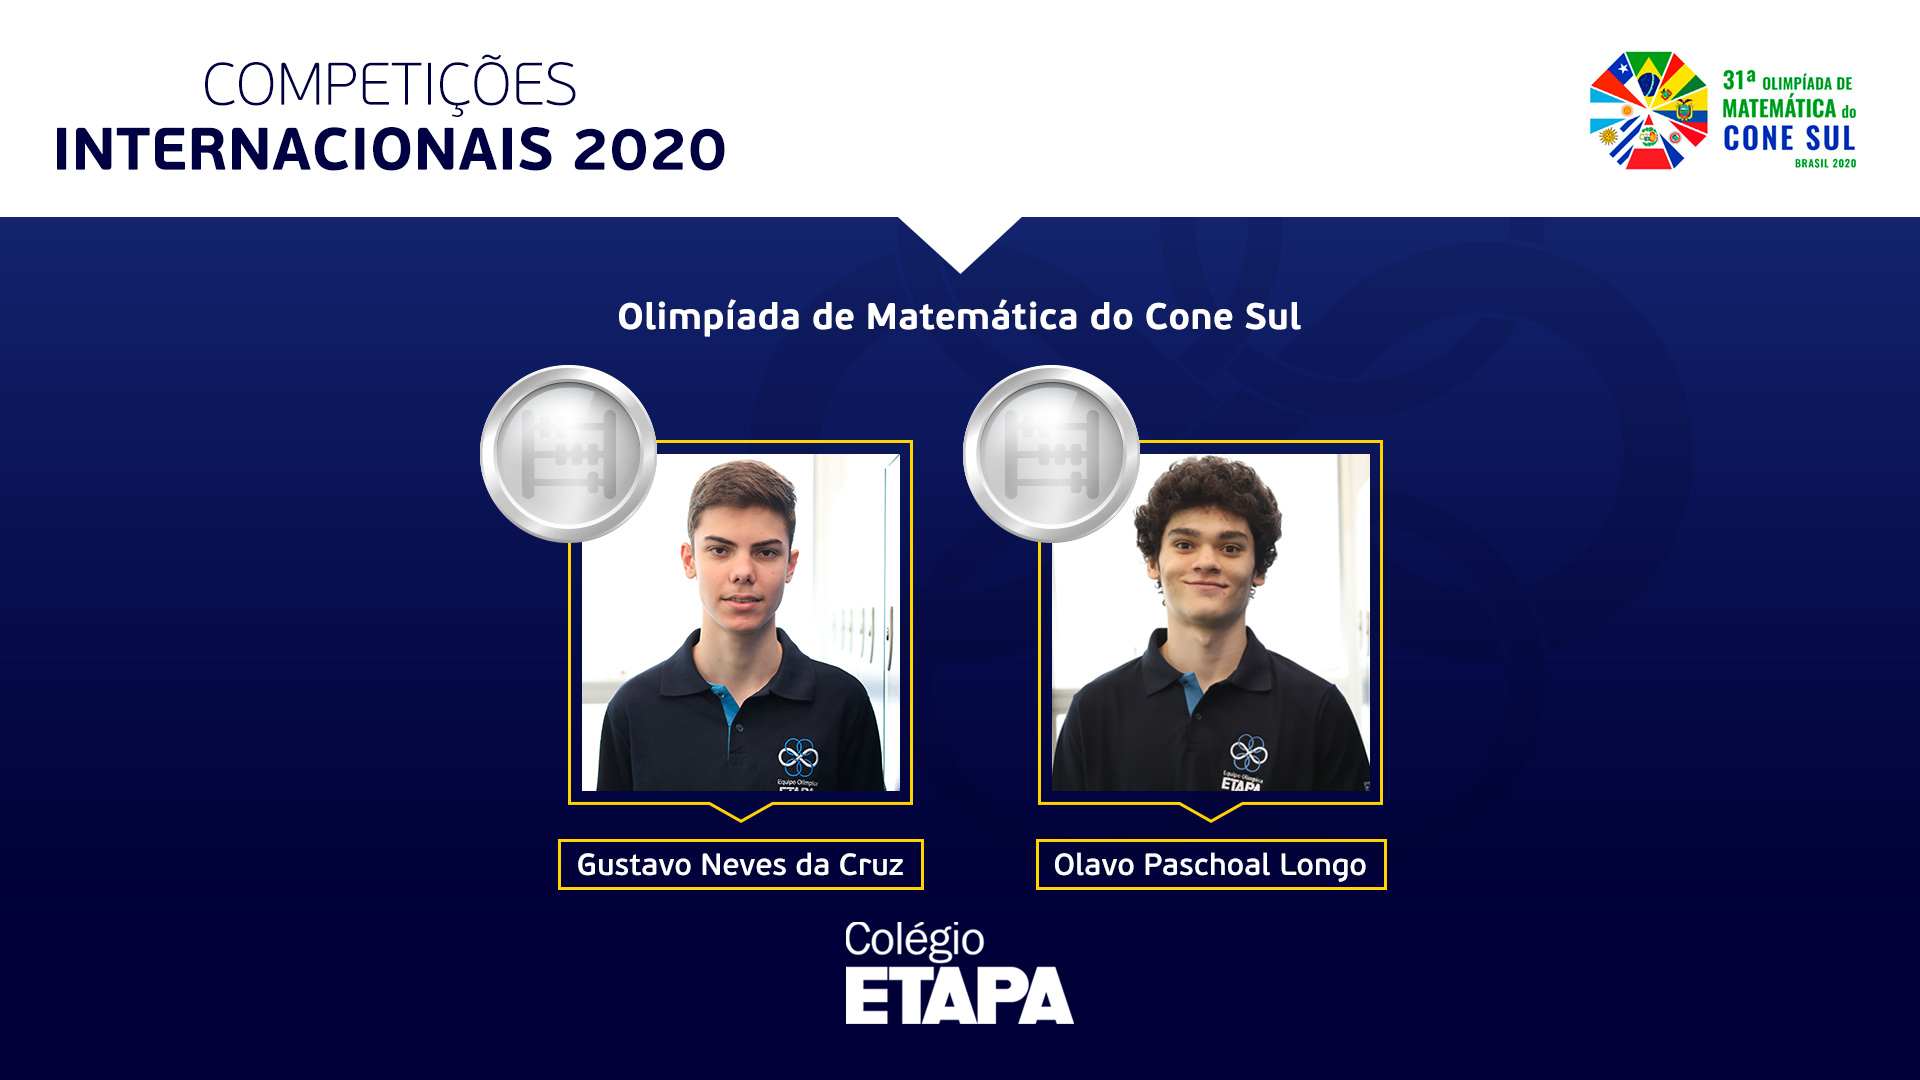 A Olimpíada de Matemática do Cone Sul 2020 ocorreu virtualmente entre os dias 1 e 6 de dezembro.